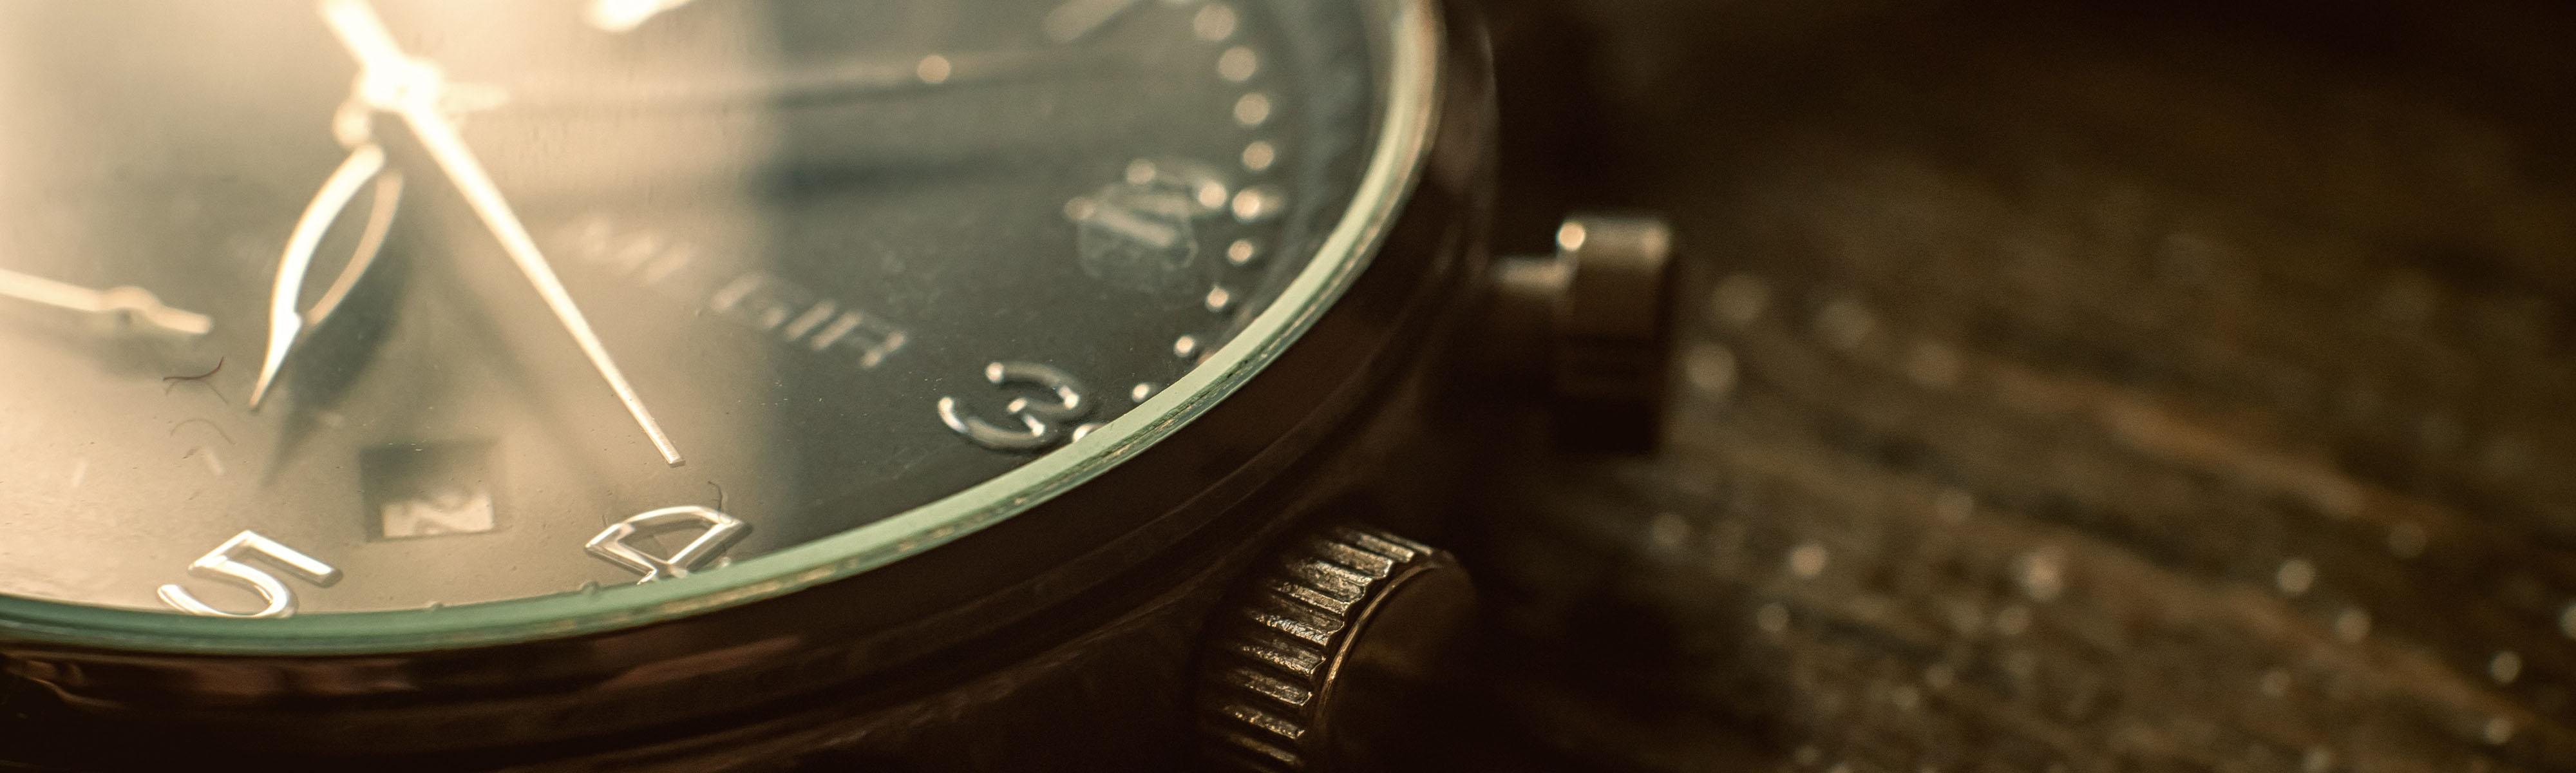 Slider - Imagefilm Uhr Uhrzeit